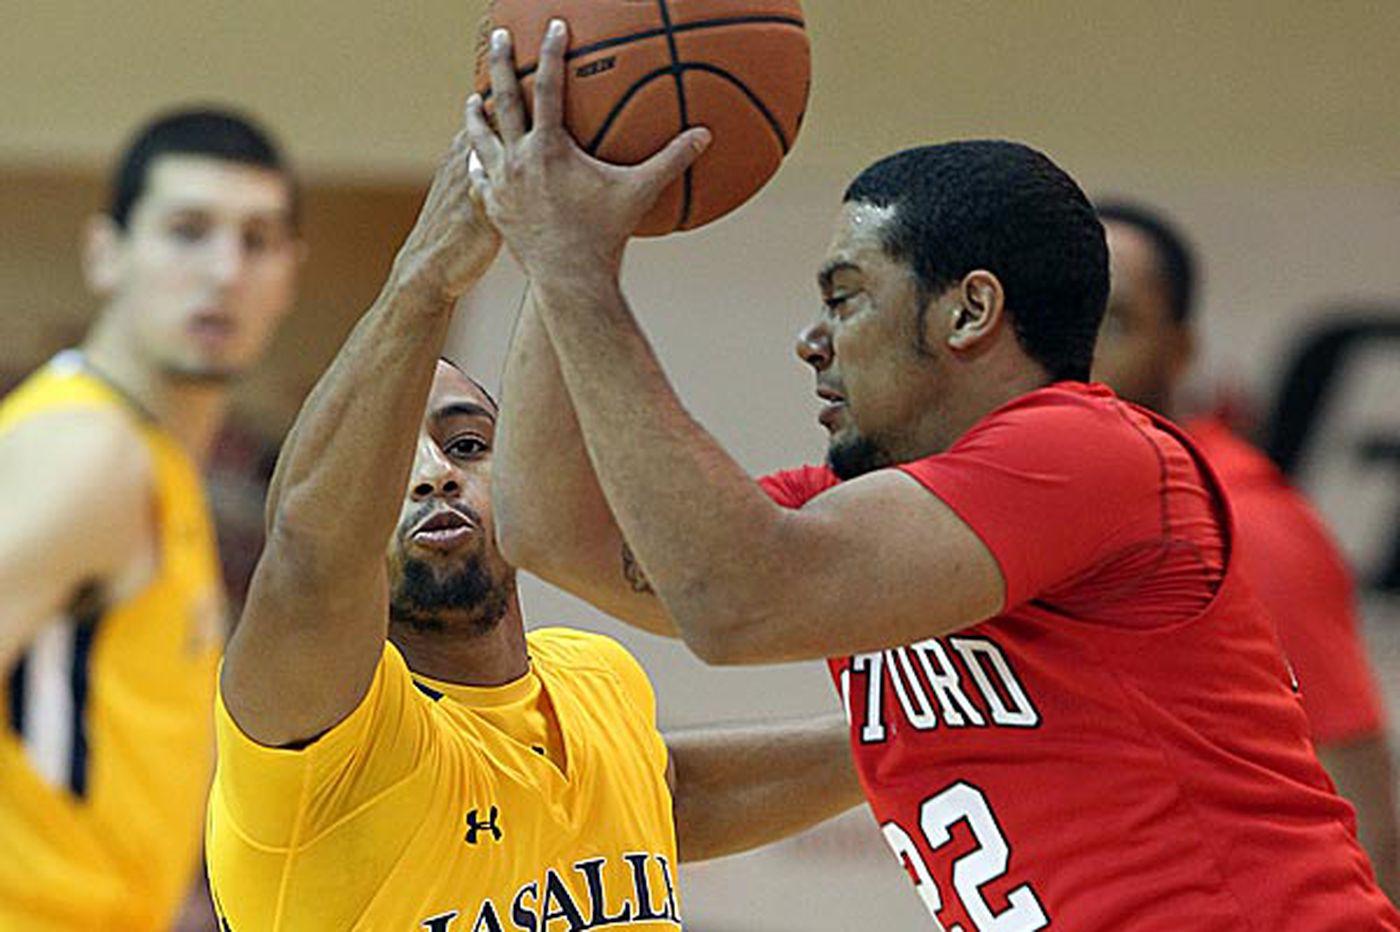 La Salle beats Hartford to end losing streak